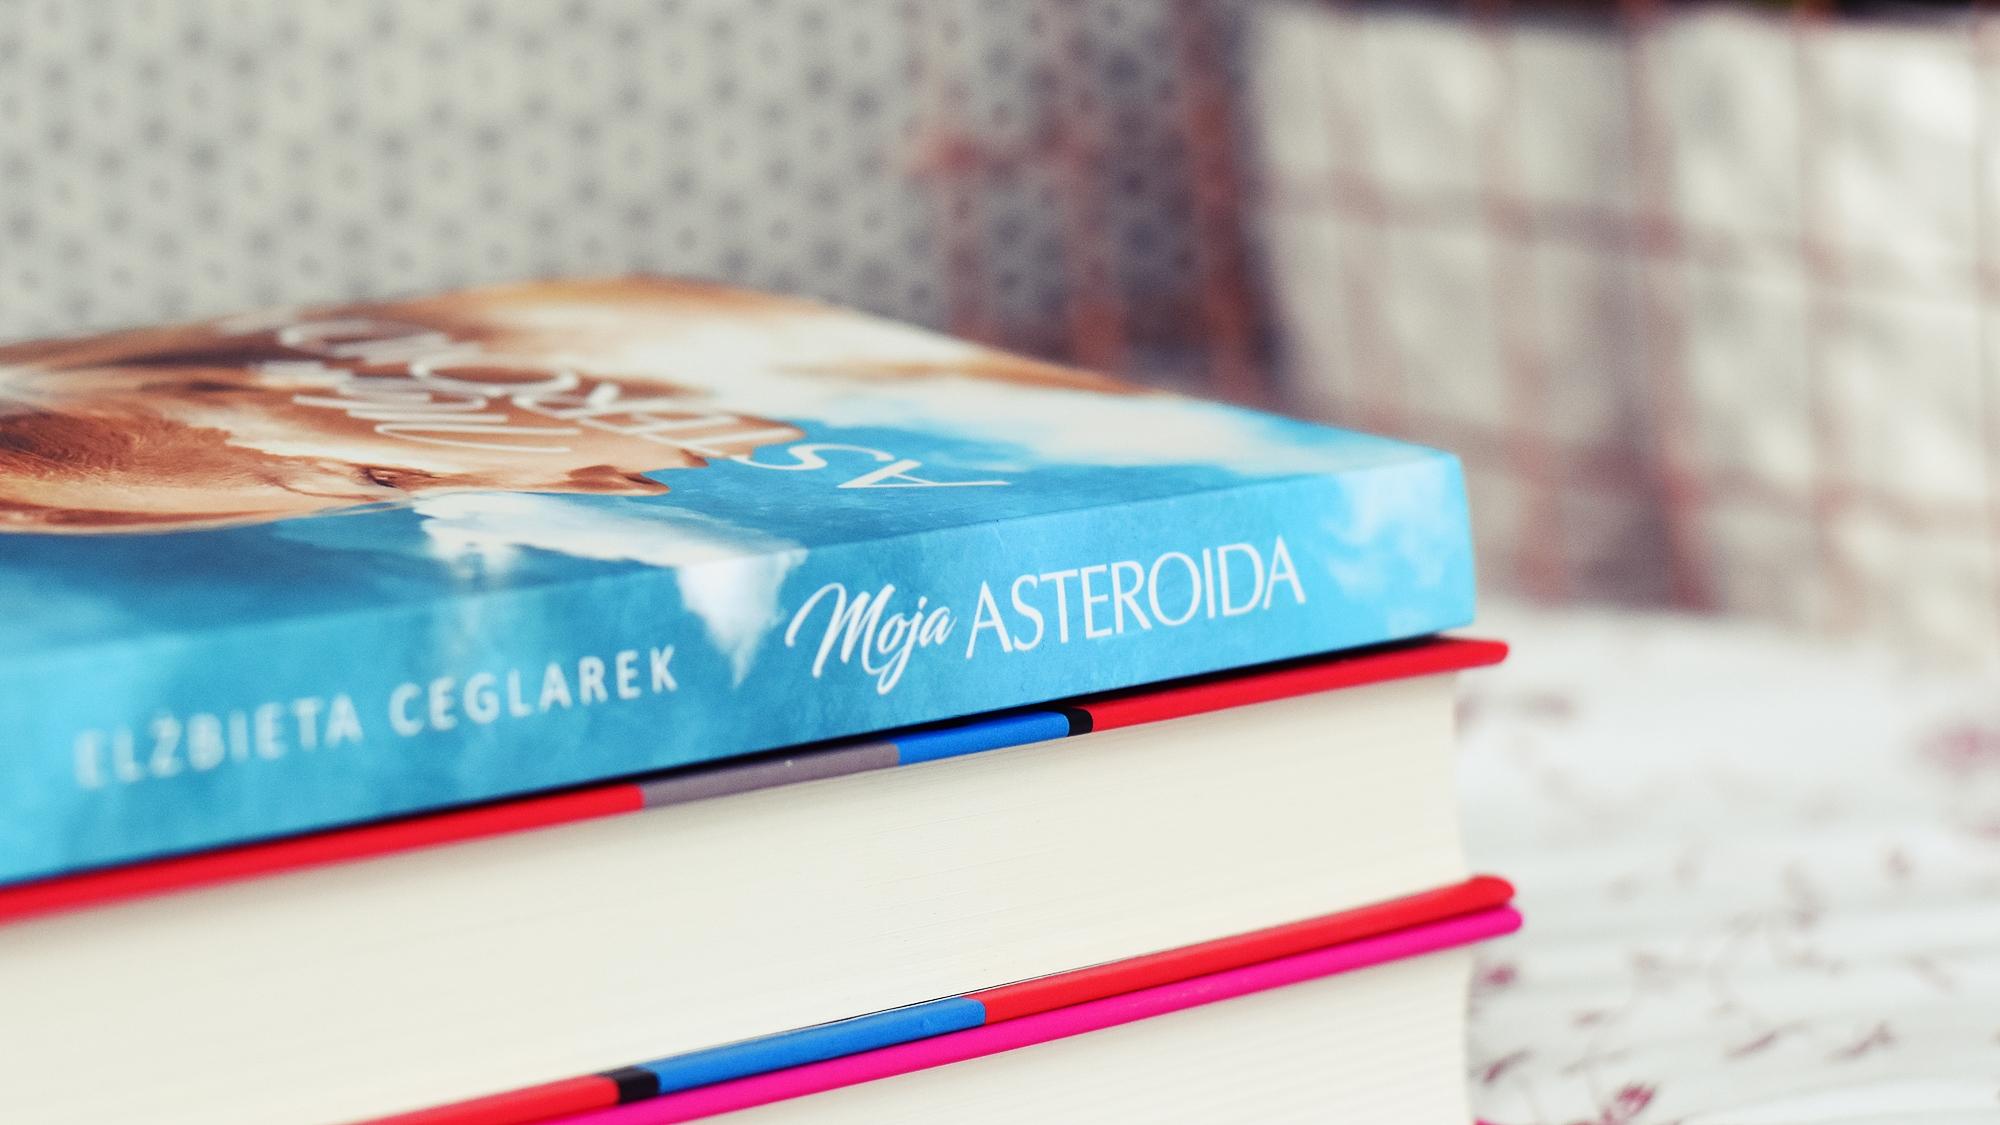 Moja asteroida – Elżbieta Ceglarek